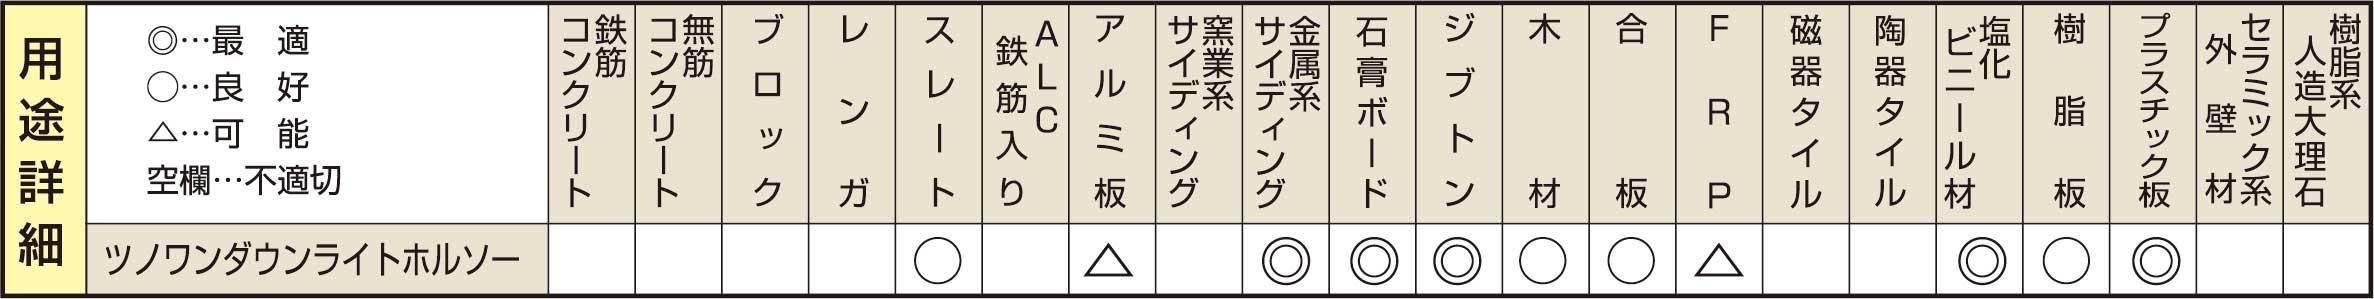 ツノワンダウンライトホールソーの用途詳細